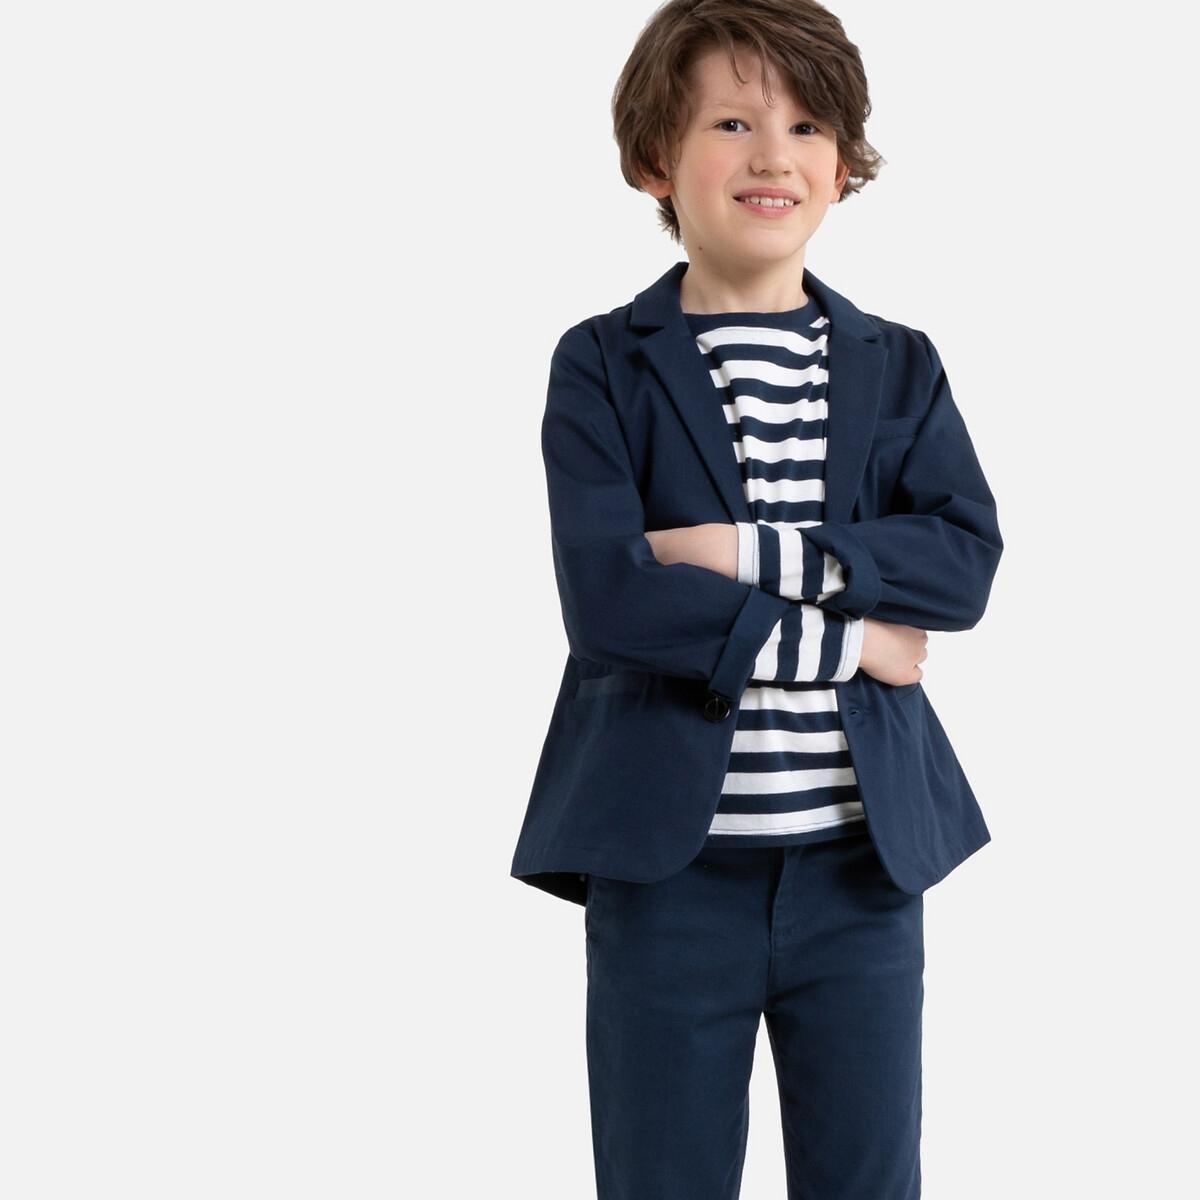 Пиджак-блейзер La Redoute Для торжества 6 лет - 114 см синий полосатые la redoute шорты от до лет 6 лет 114 см синий